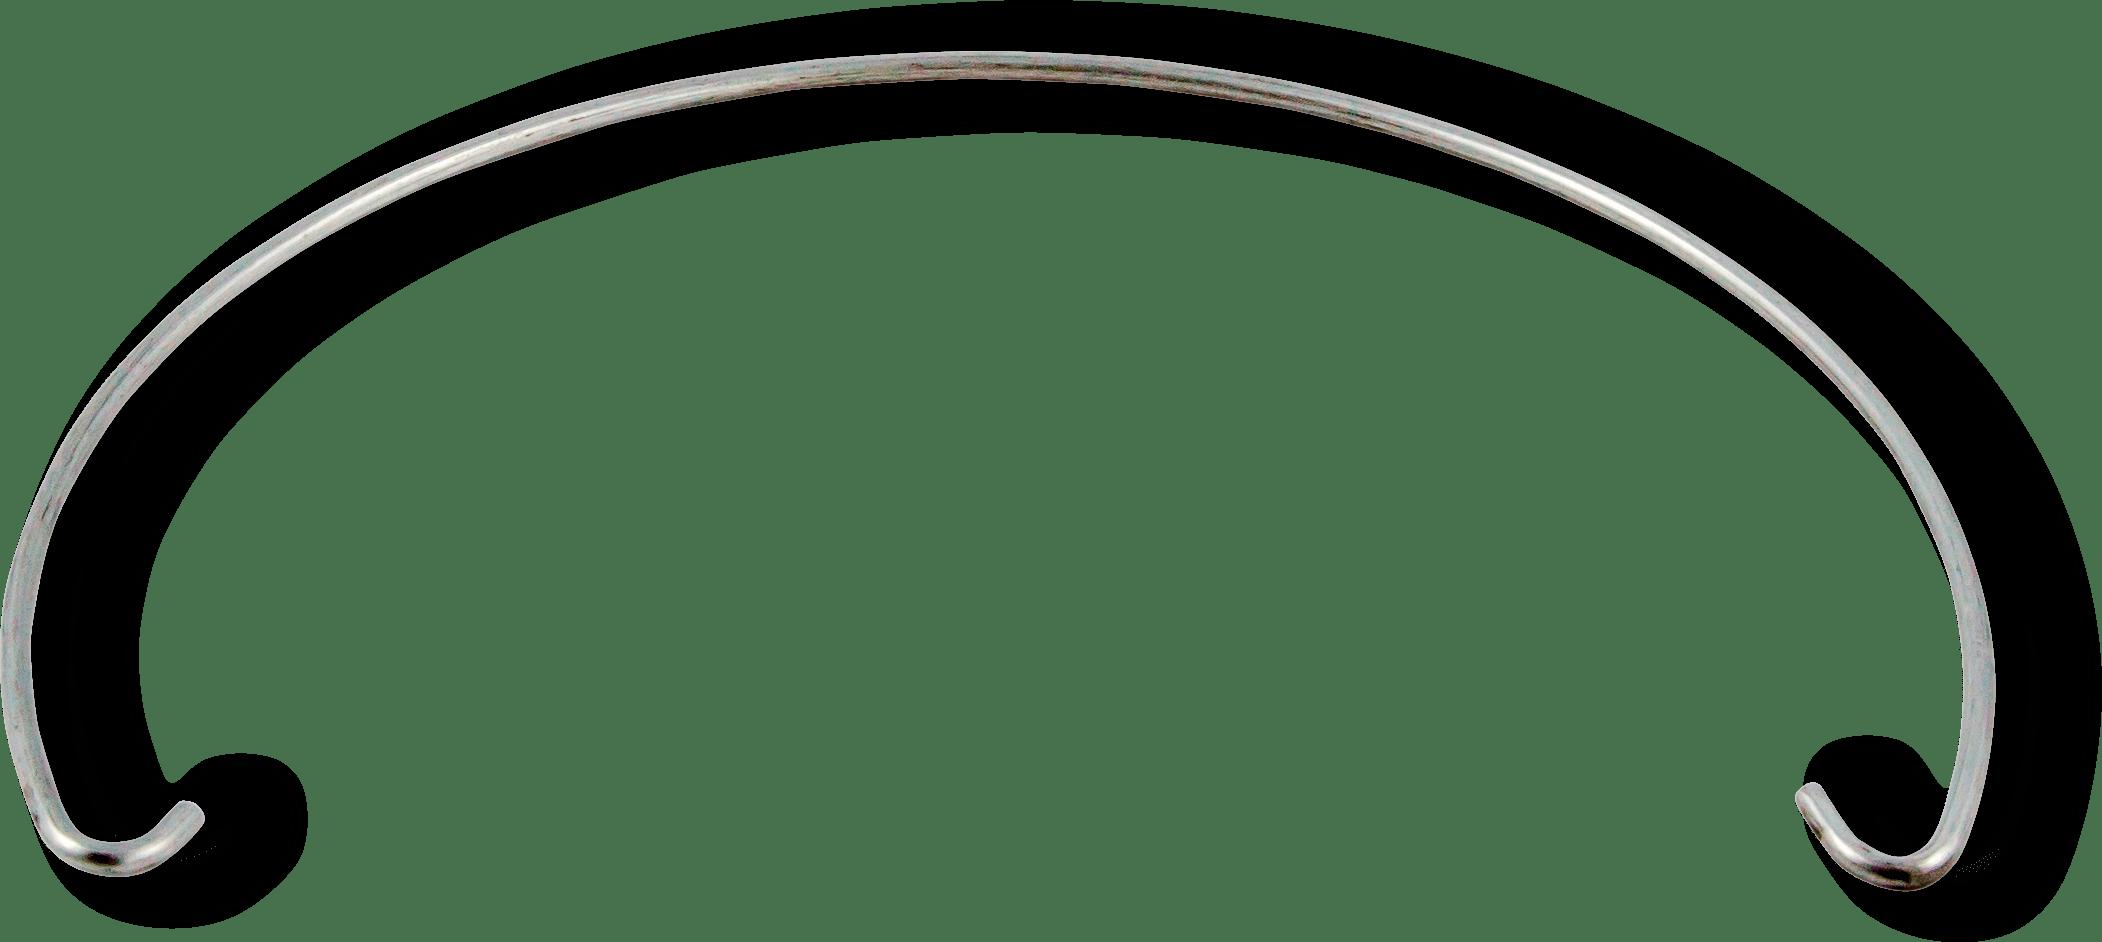 Manico ad arco metallico prodotto da Cavioni Fustitalia